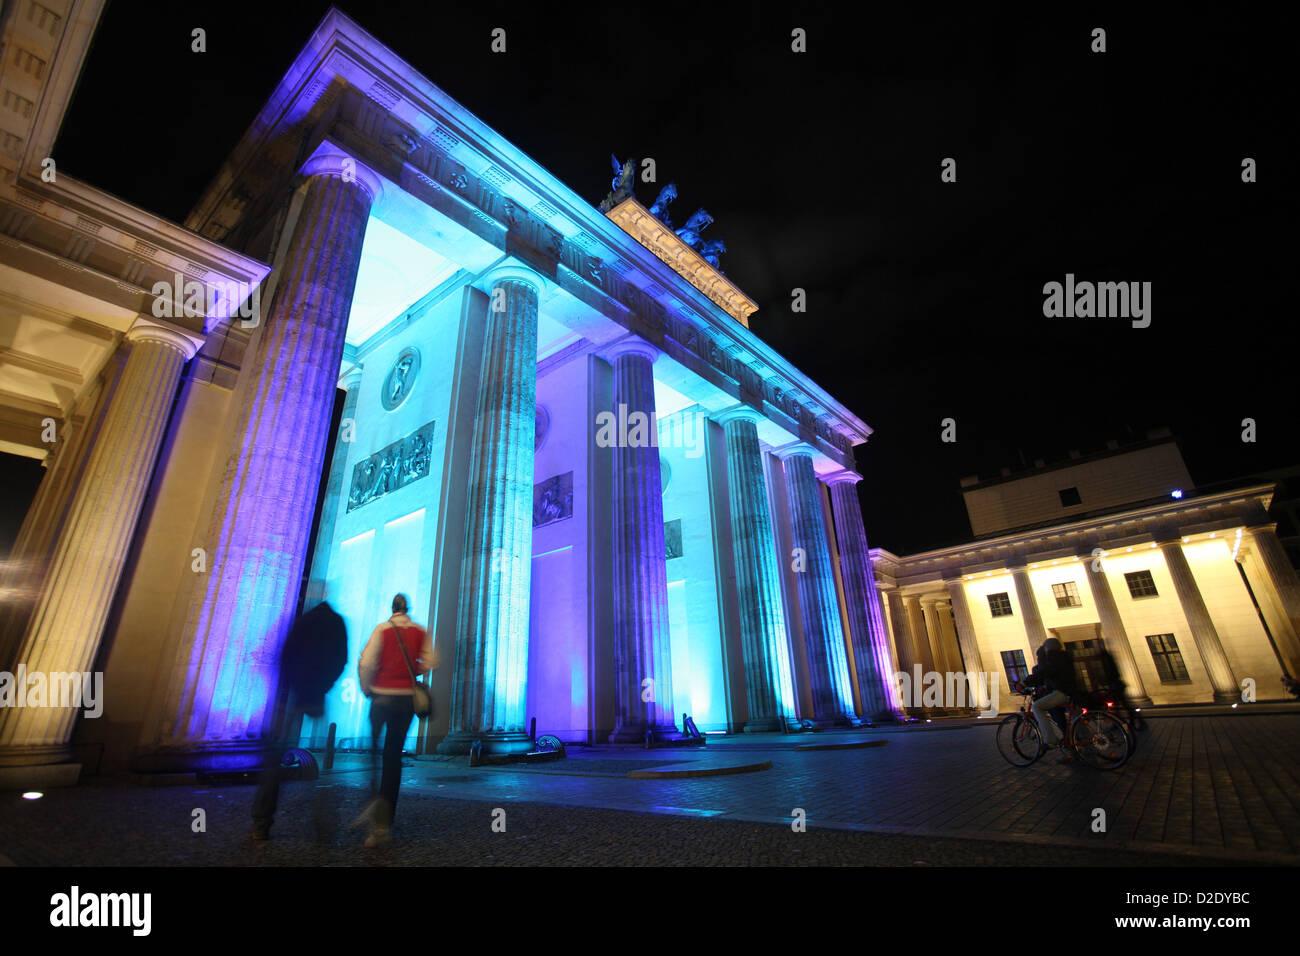 Berlín, Alemania, la Puerta de Brandenburgo durante el Festival de las luces 2009 Imagen De Stock